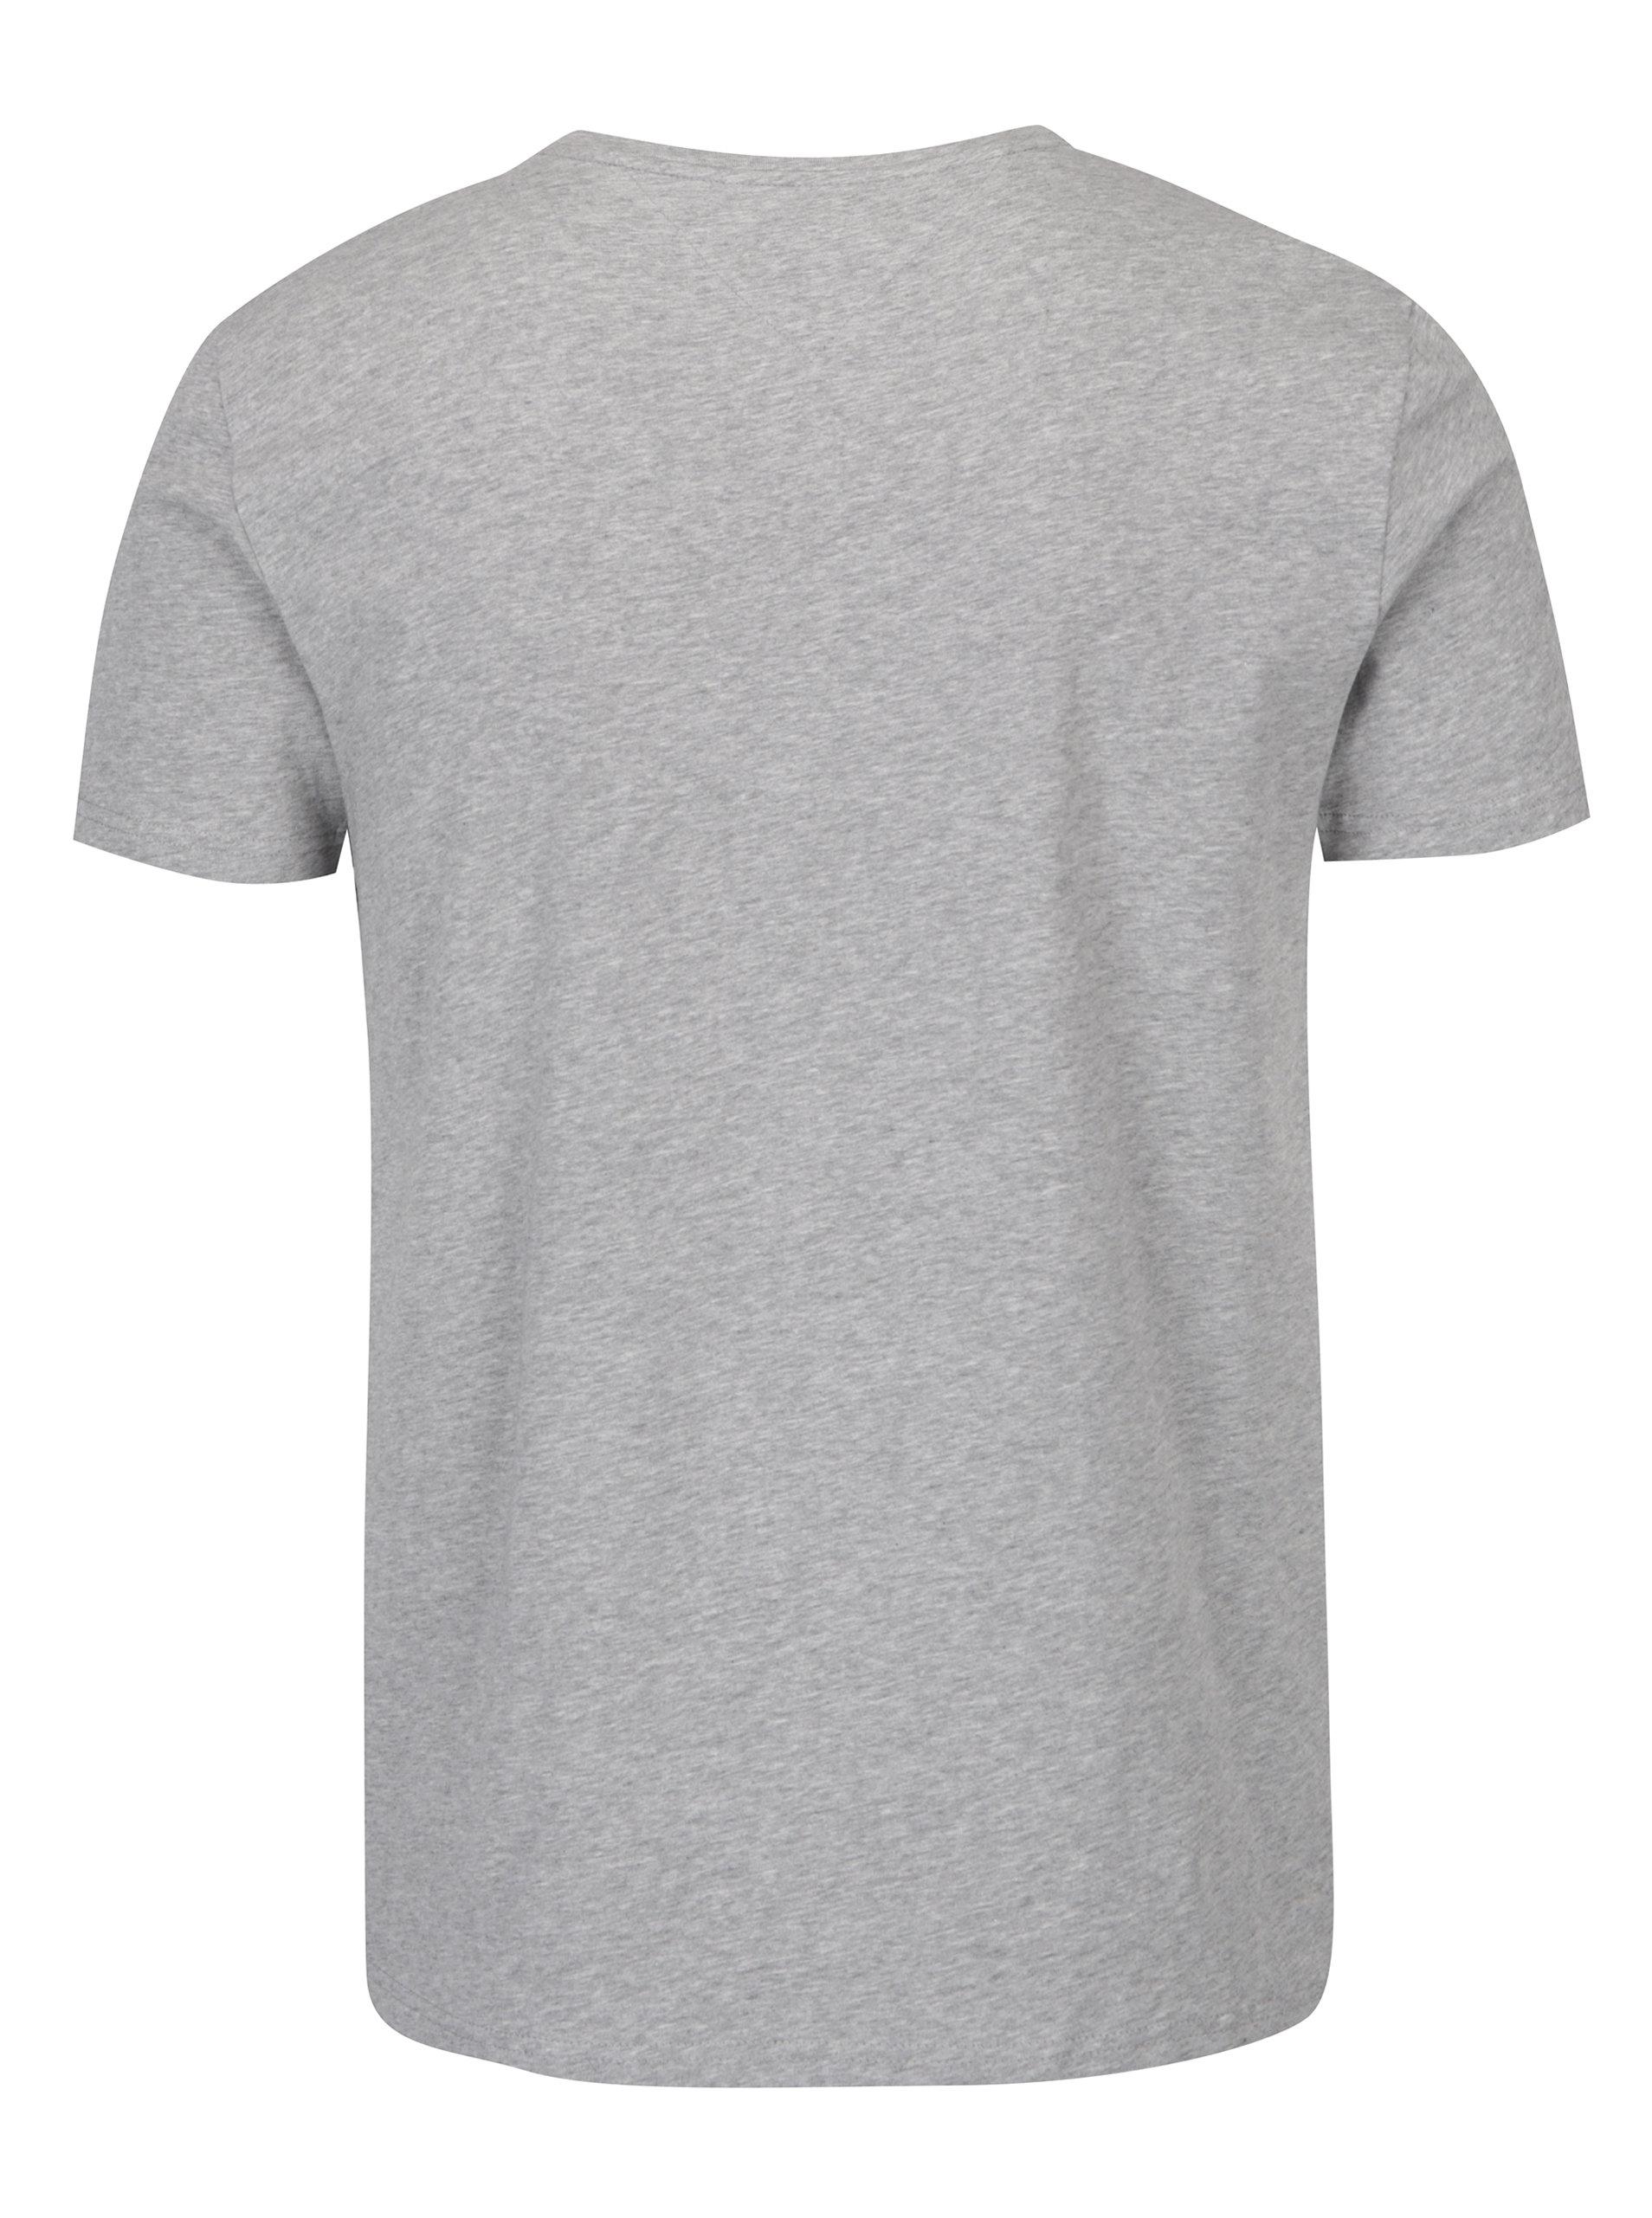 aeb08462f73 Šedé pánské basic tričko s krátkým rukávem Tommy Hilfiger New Stretch ...